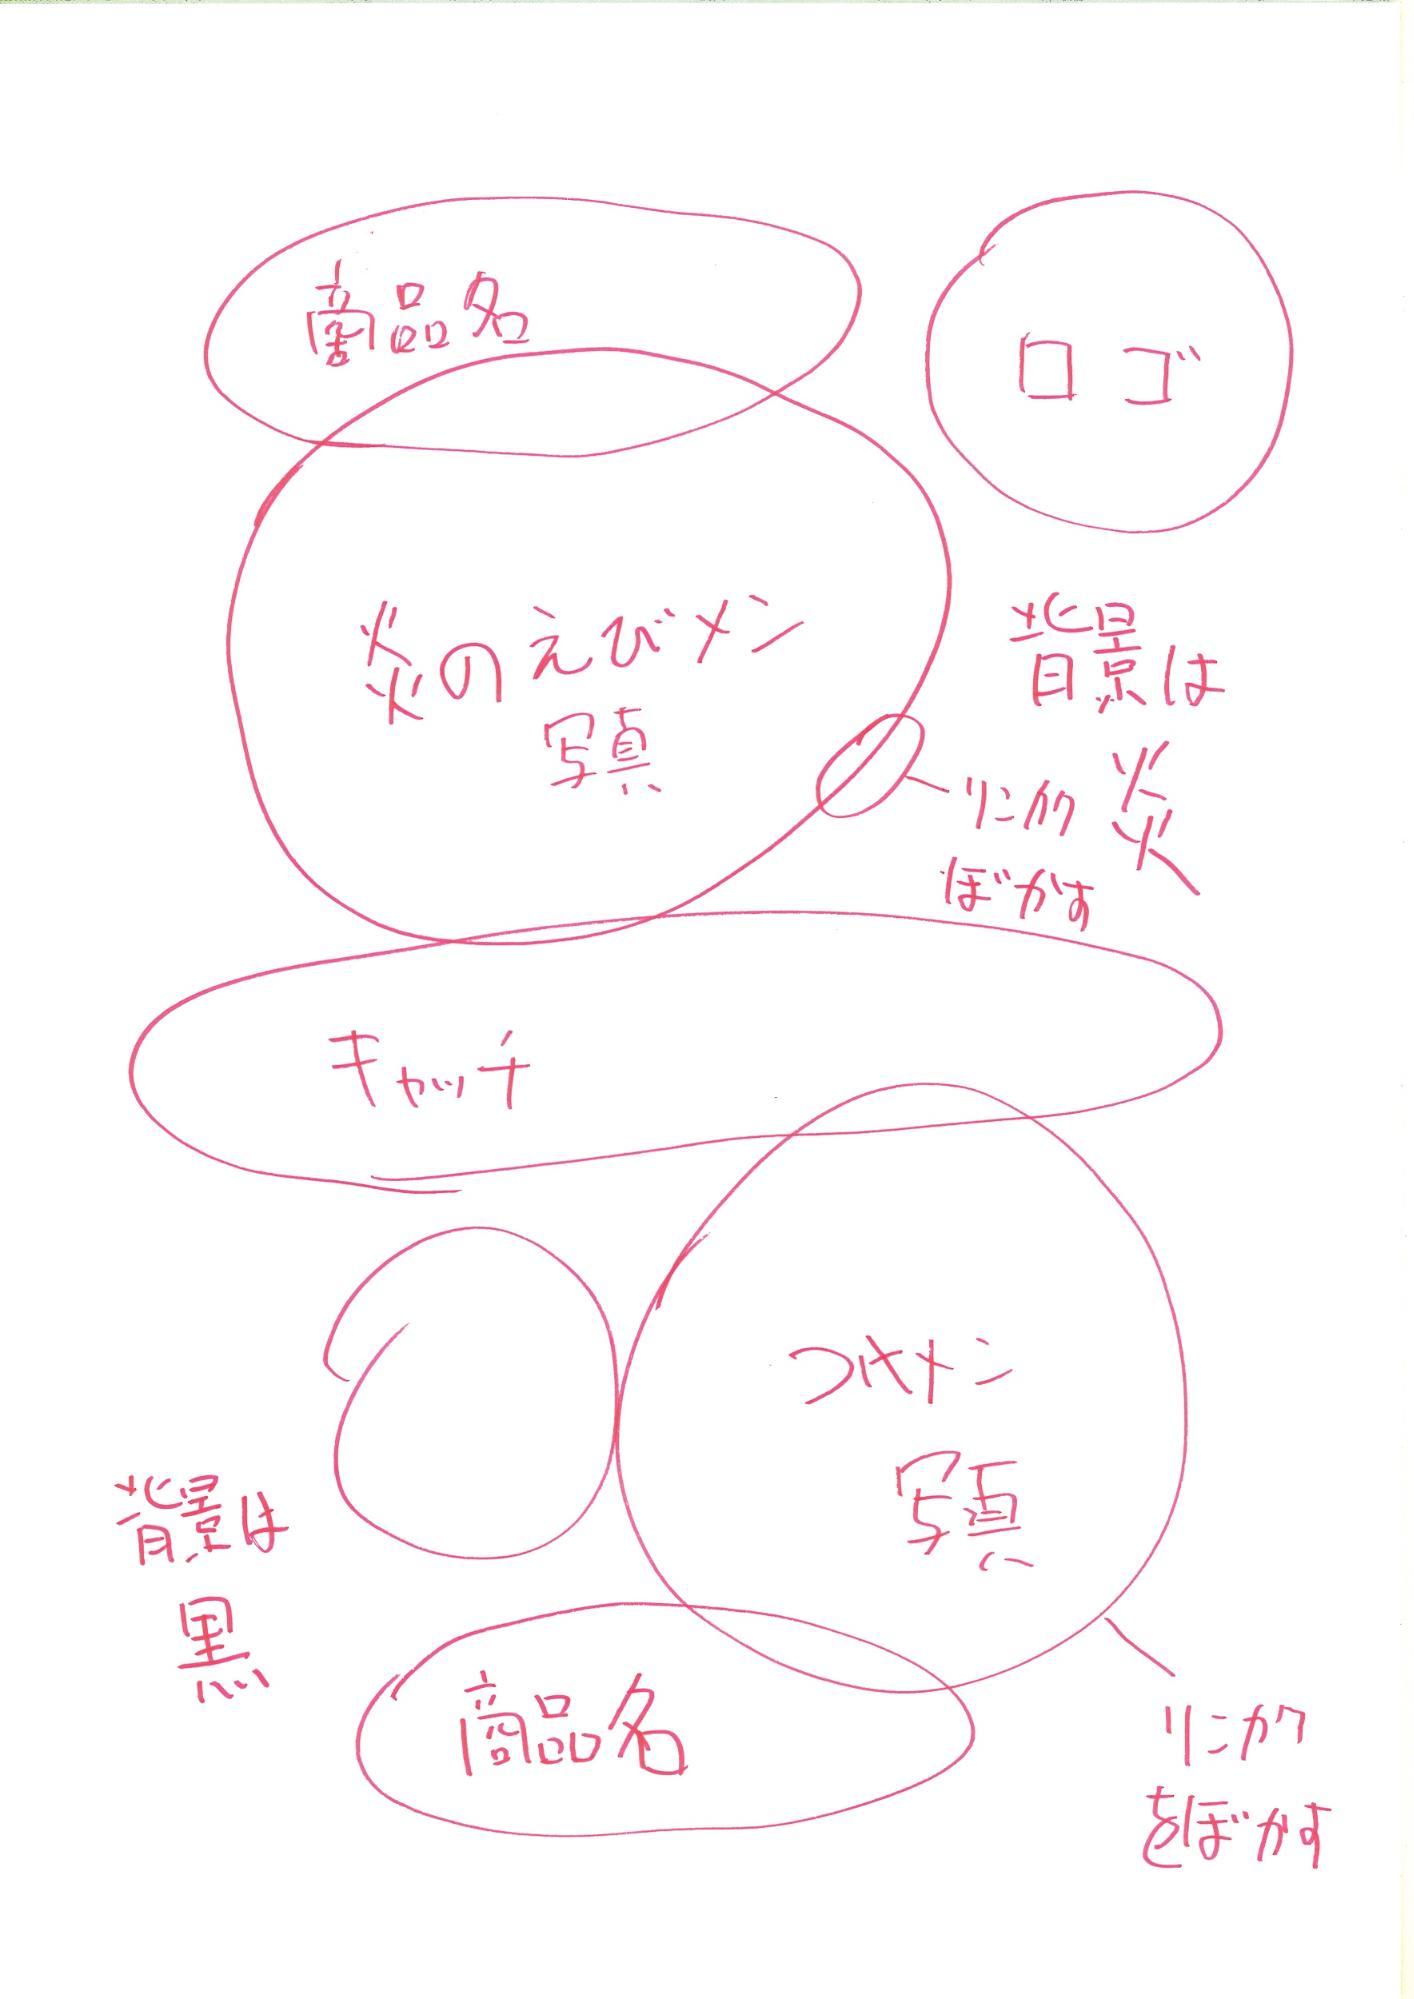 画像加工_1.jpg